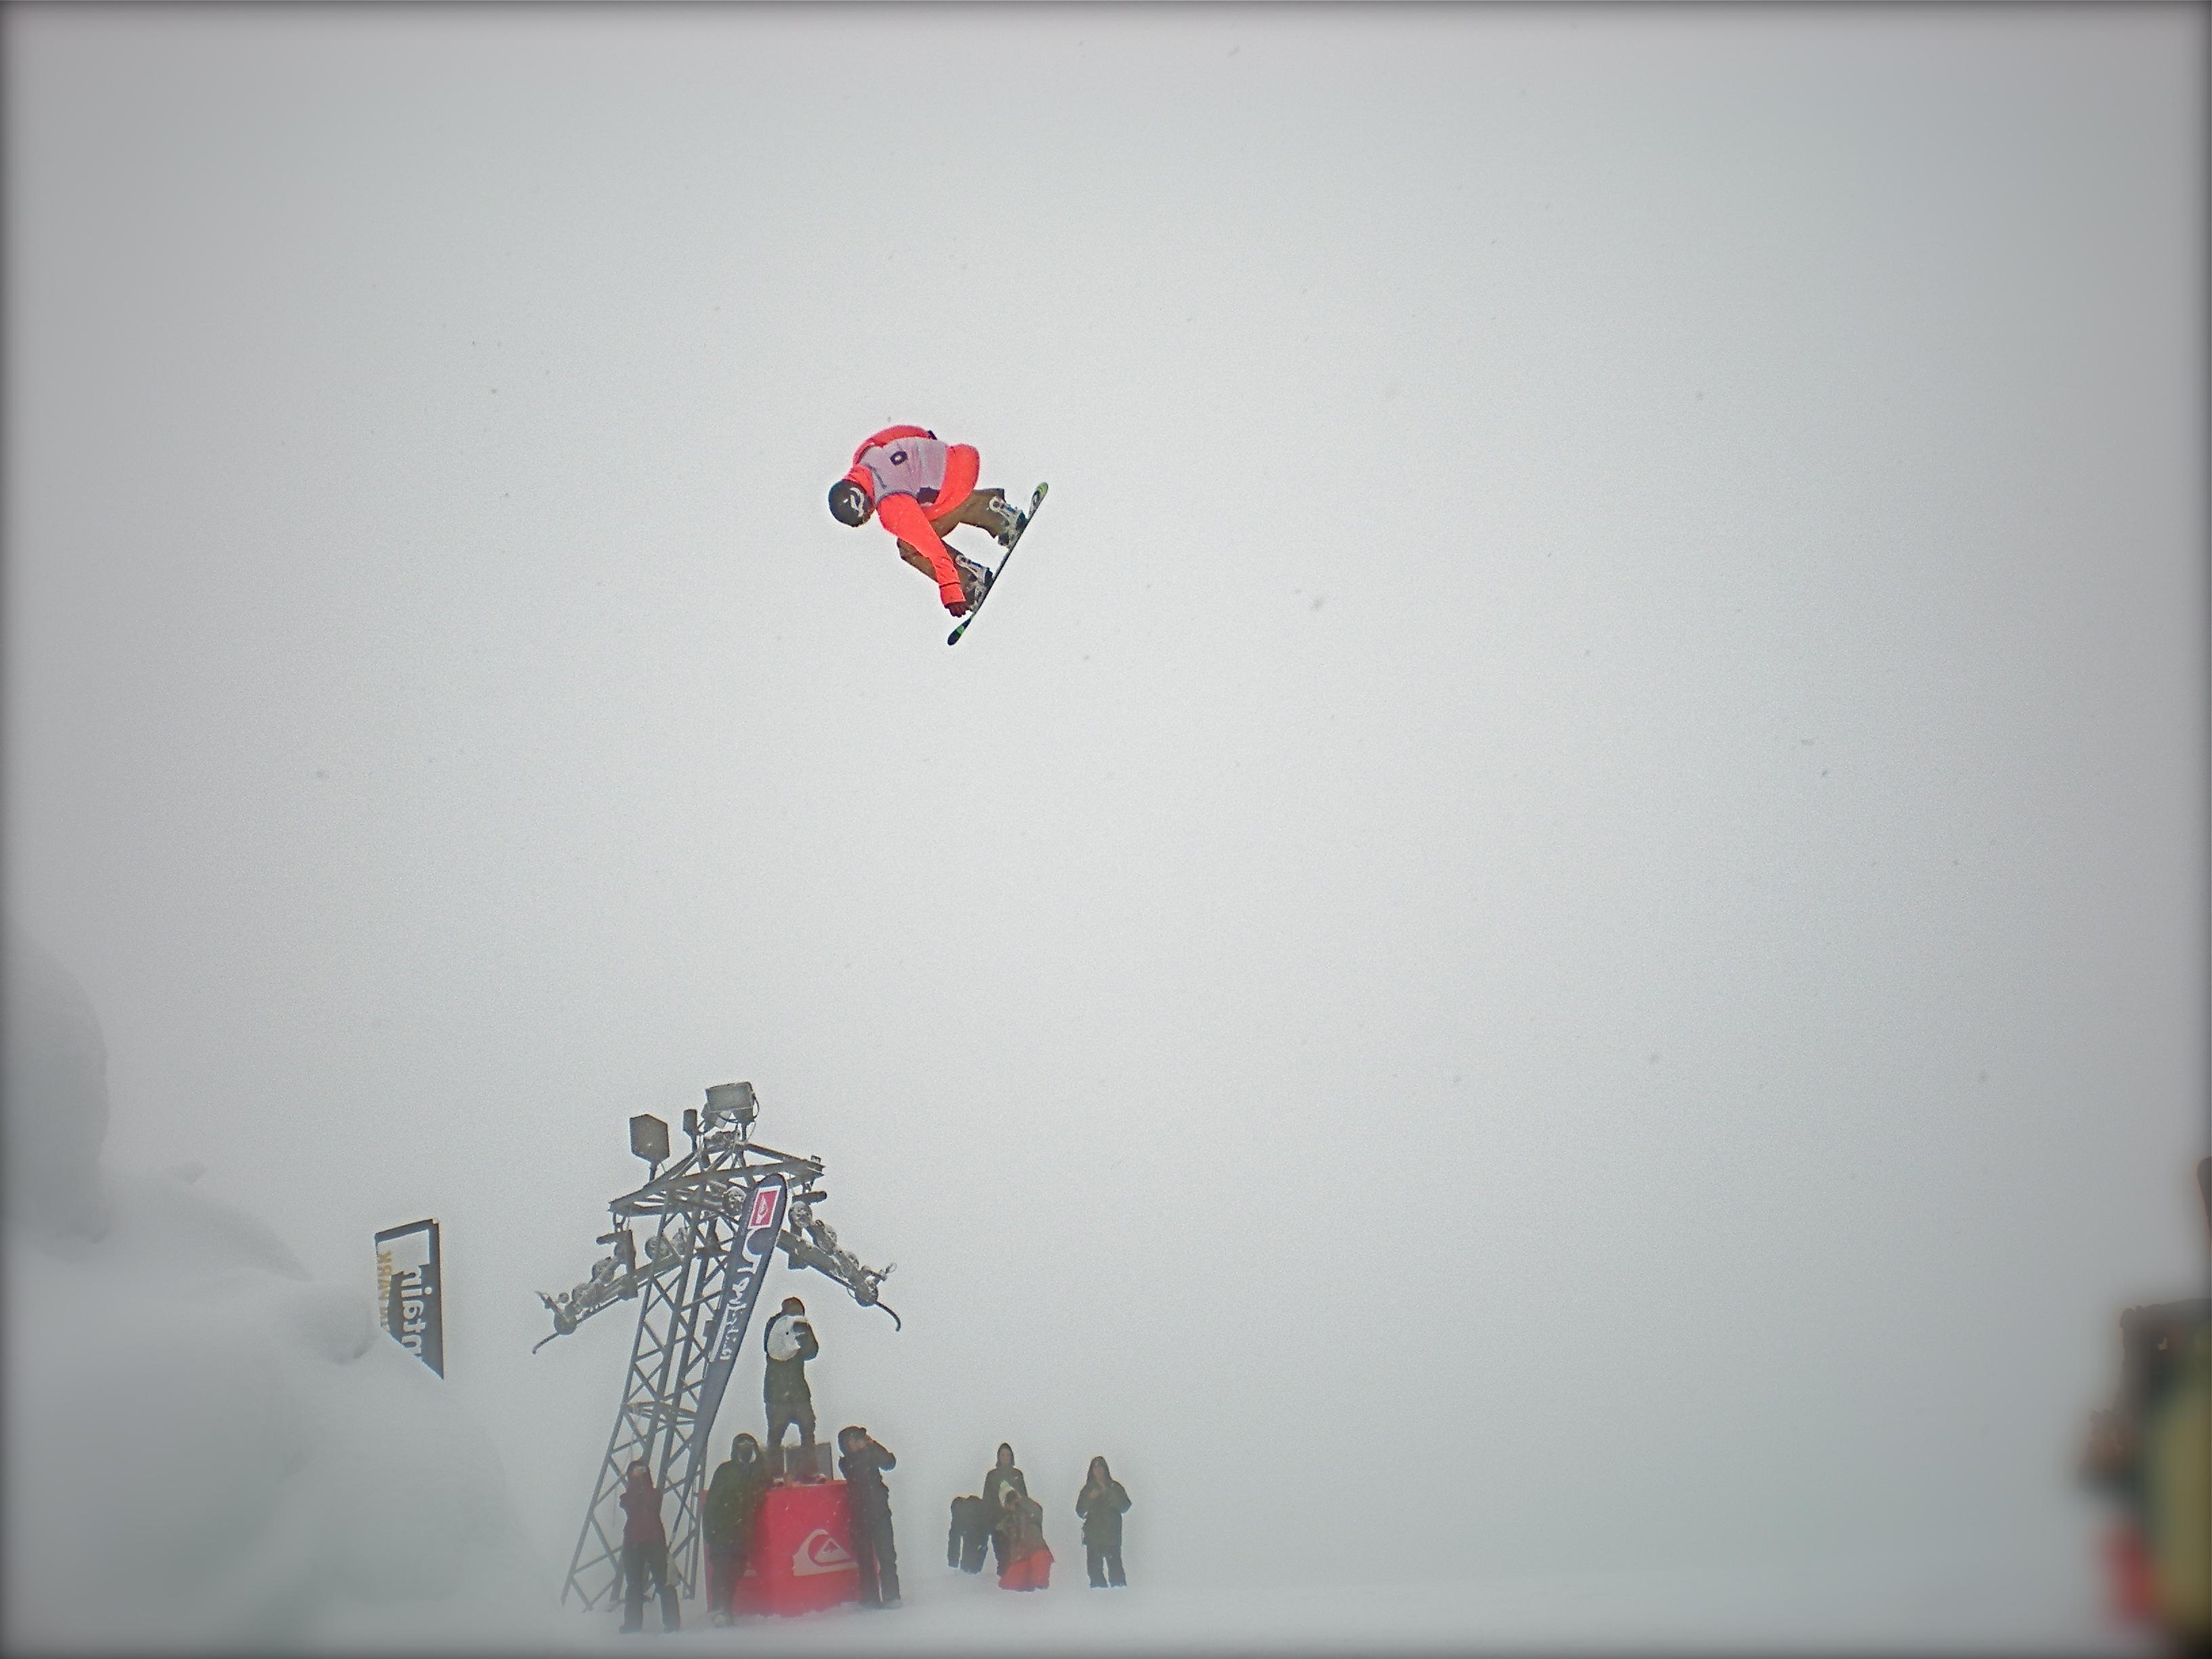 SOTC Big Air